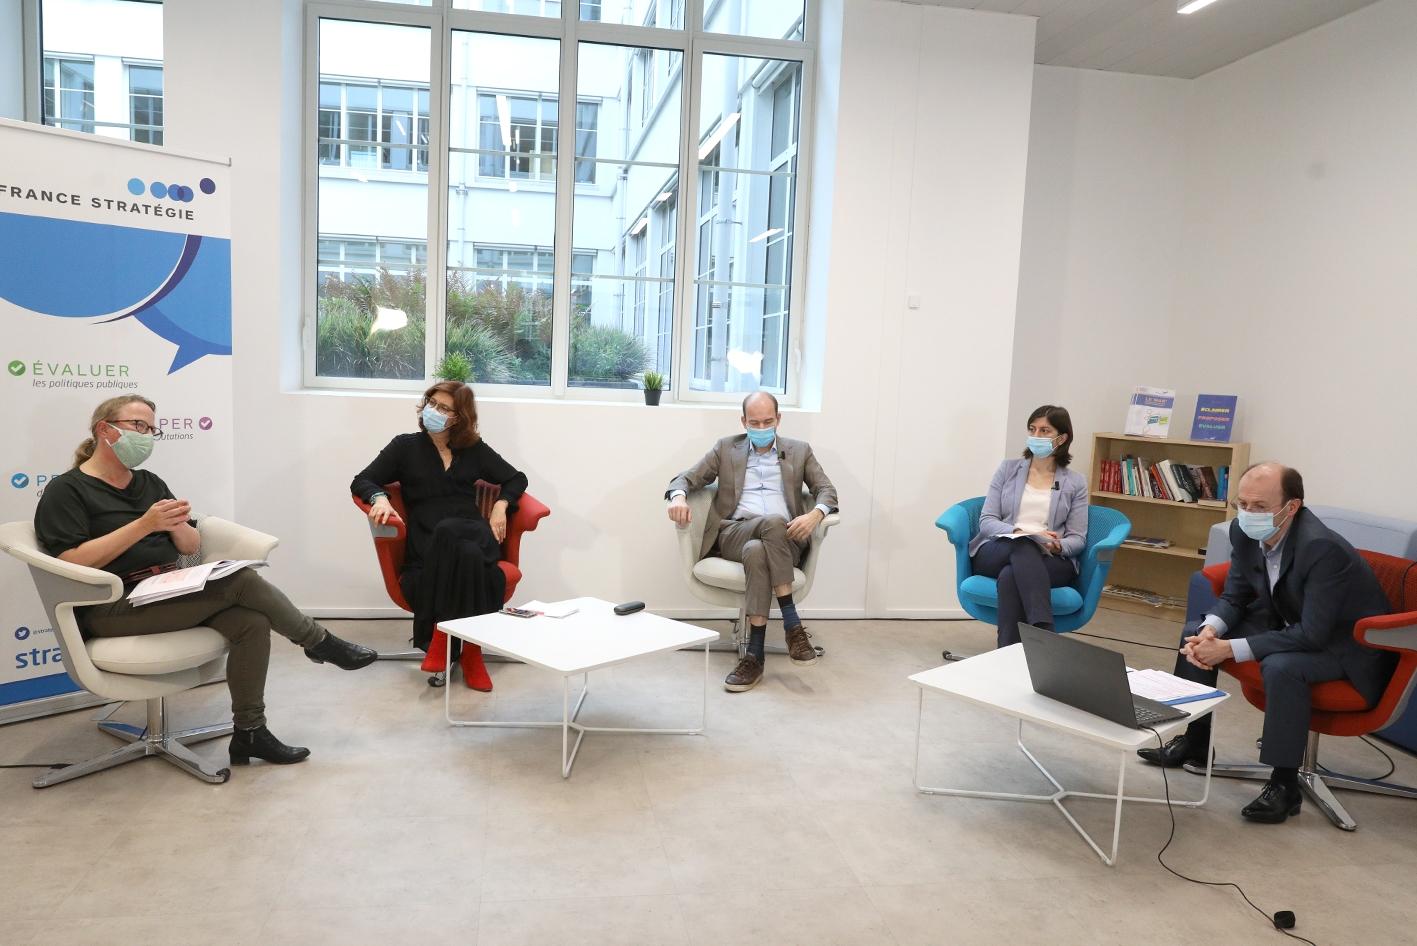 Webconférence #2 - Comment observer l'impact de la transition écologique sur les métiers et les compétences ?